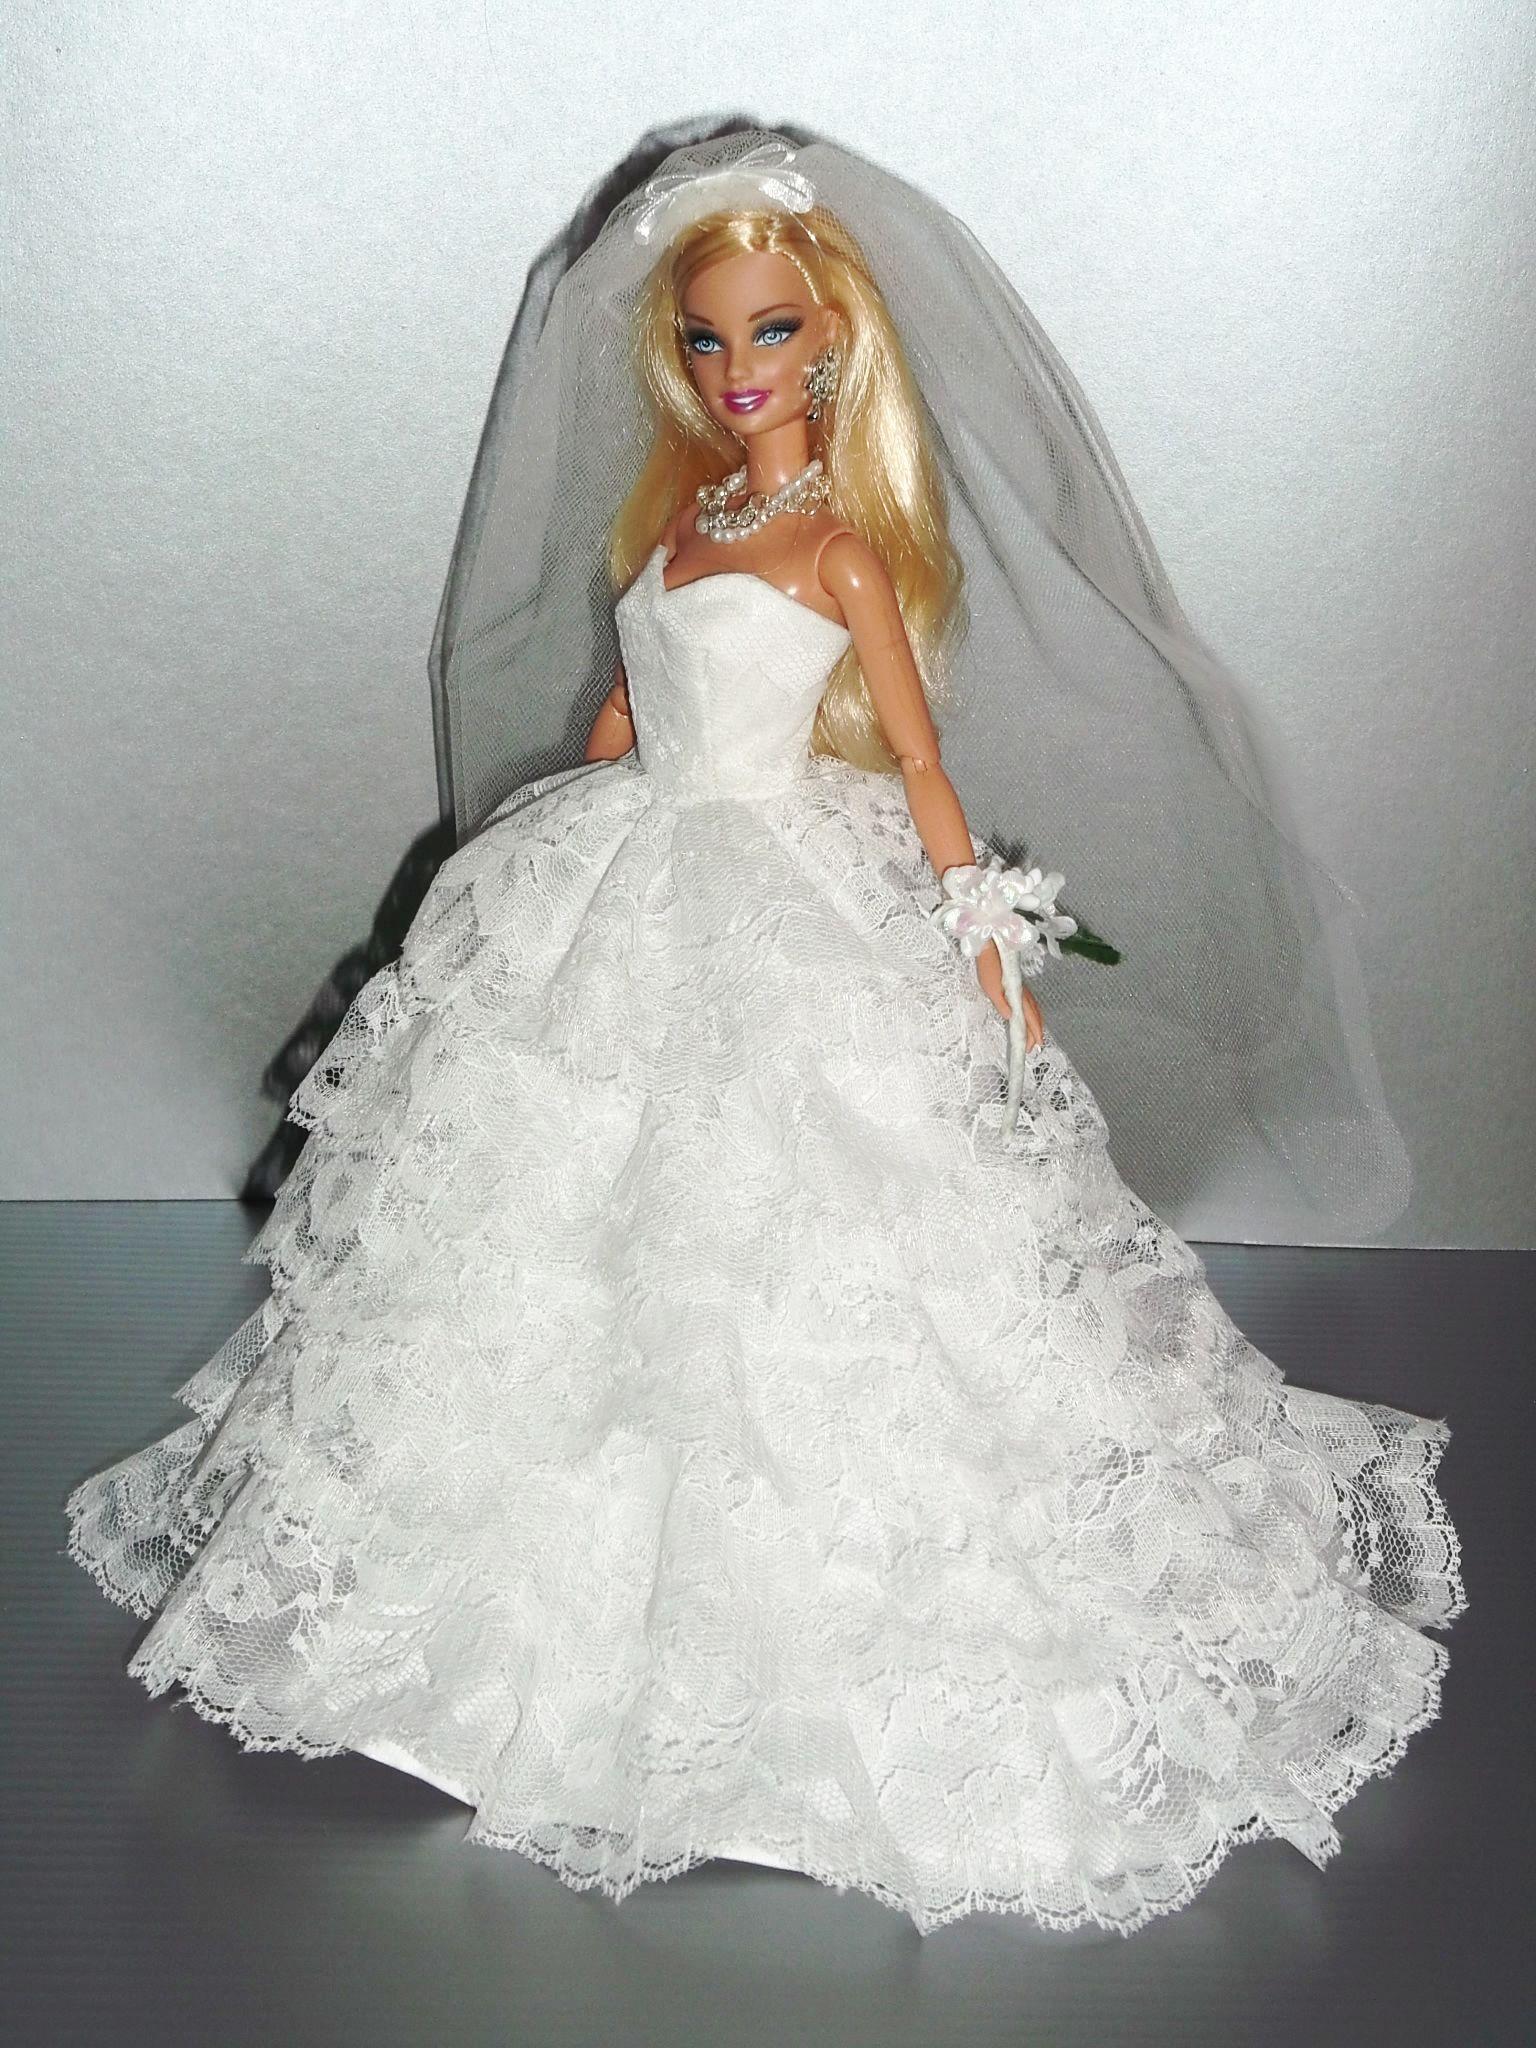 Doll wedding dress  Barbie bridal wedding gowns Rocio Couture   qw  BarbieDoll